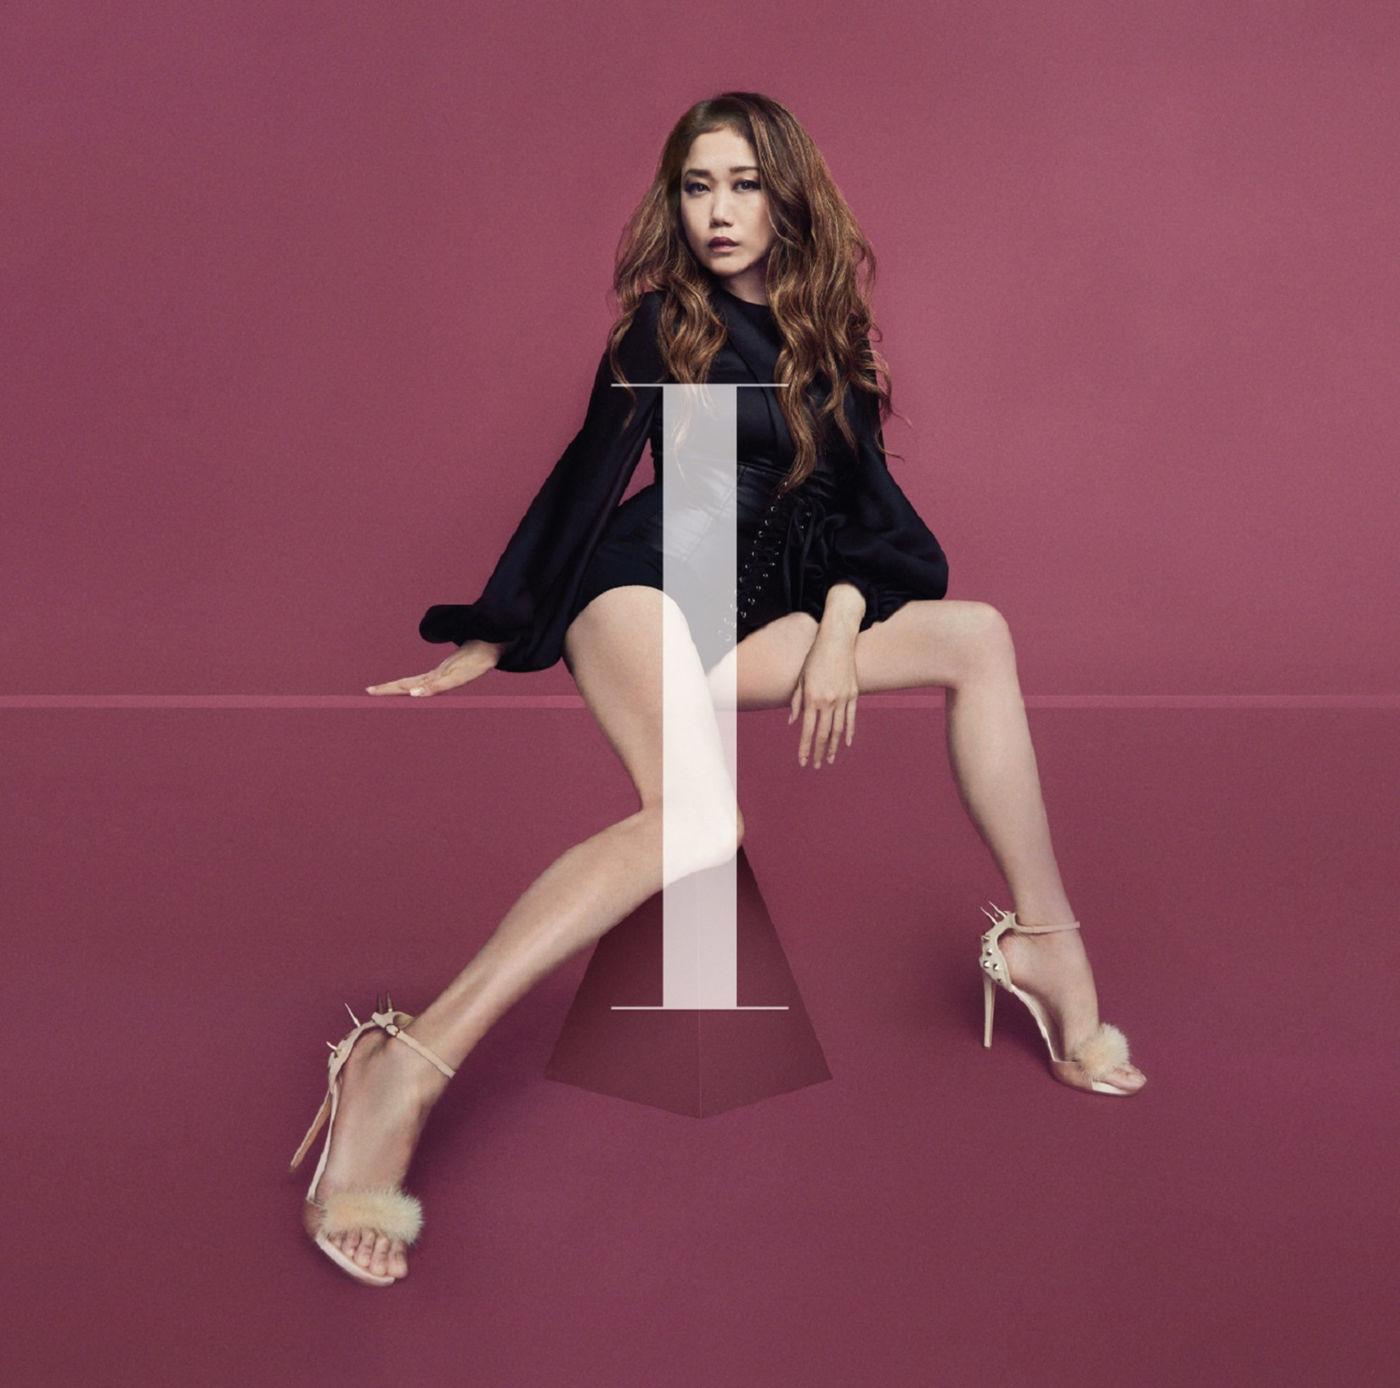 ★★★●≧女の足の匂い≦●★★★40臭目 [無断転載禁止]©bbspink.comYouTube動画>10本 ->画像>323枚